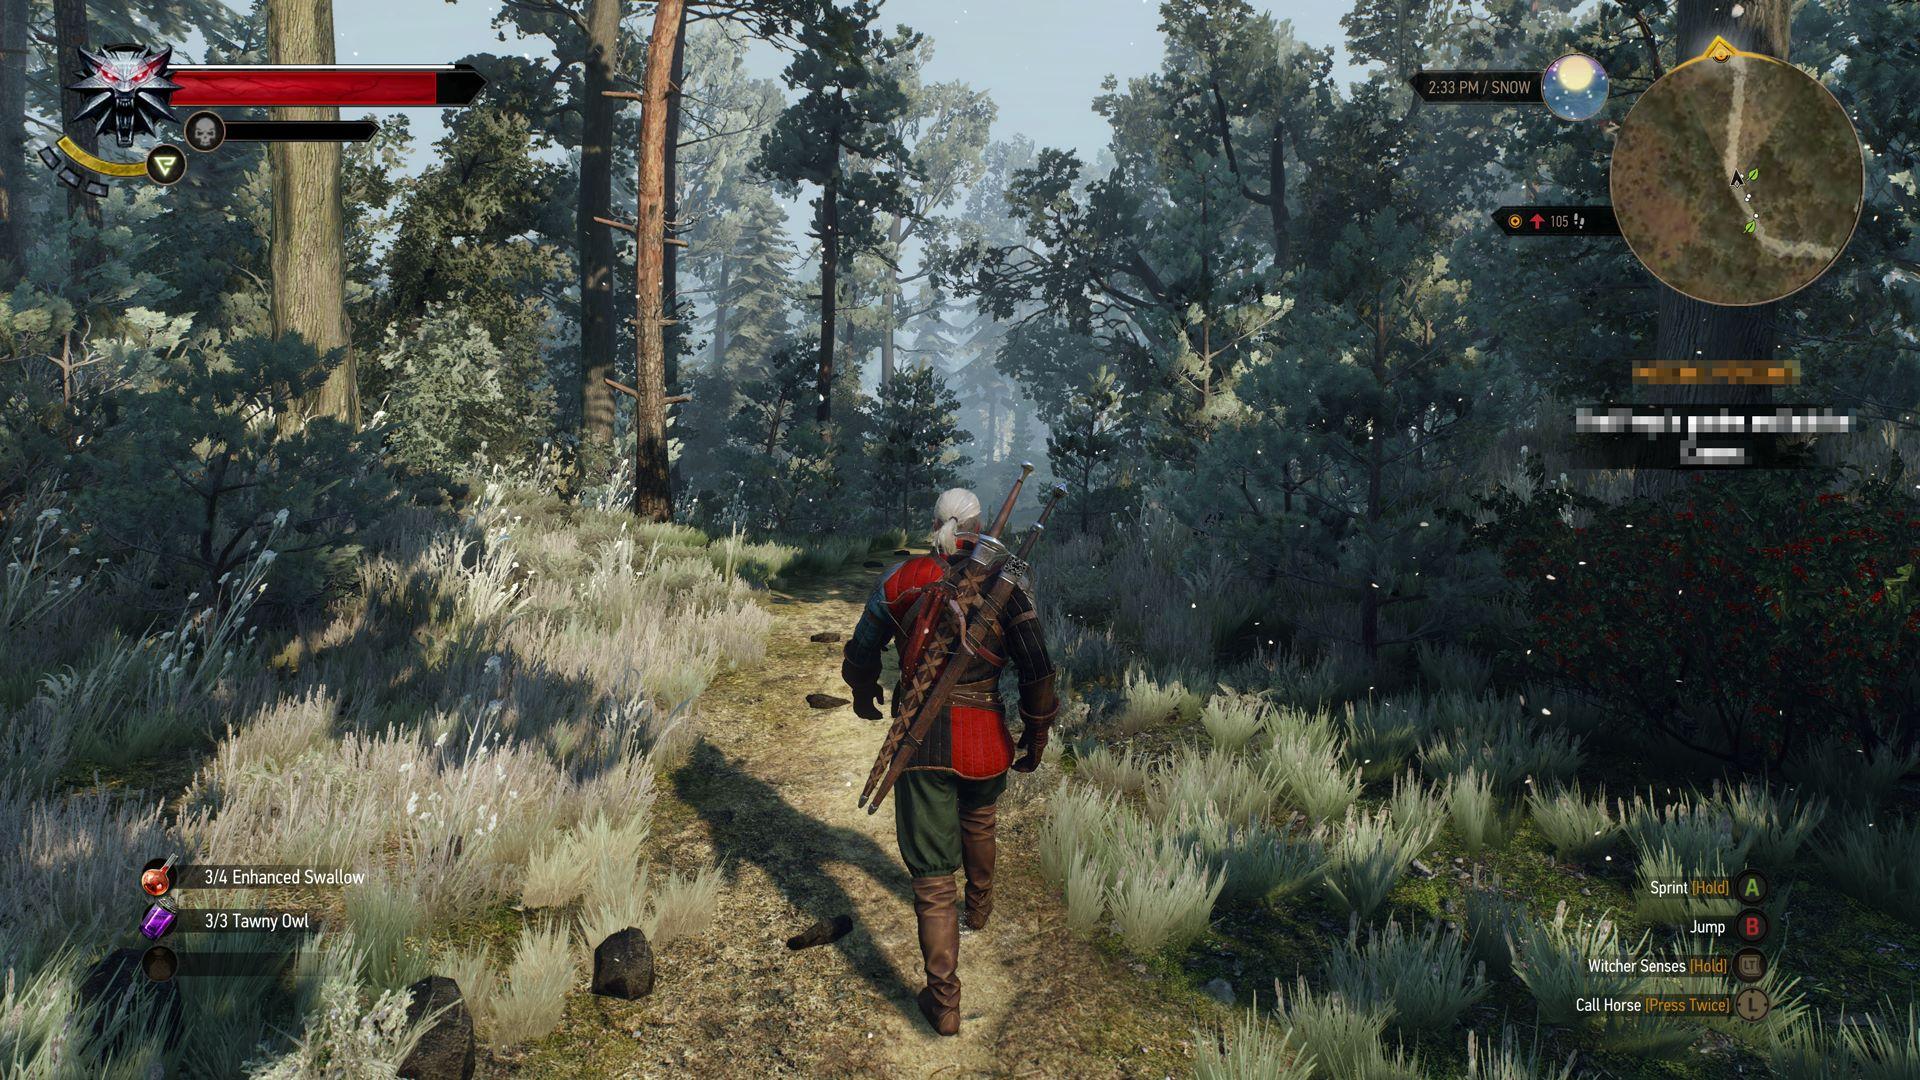 The Witcher 3: Wild Hunt. Информация о патче первого дня.   • Улучшение стабильности   • Улучшение производительност ... - Изображение 5